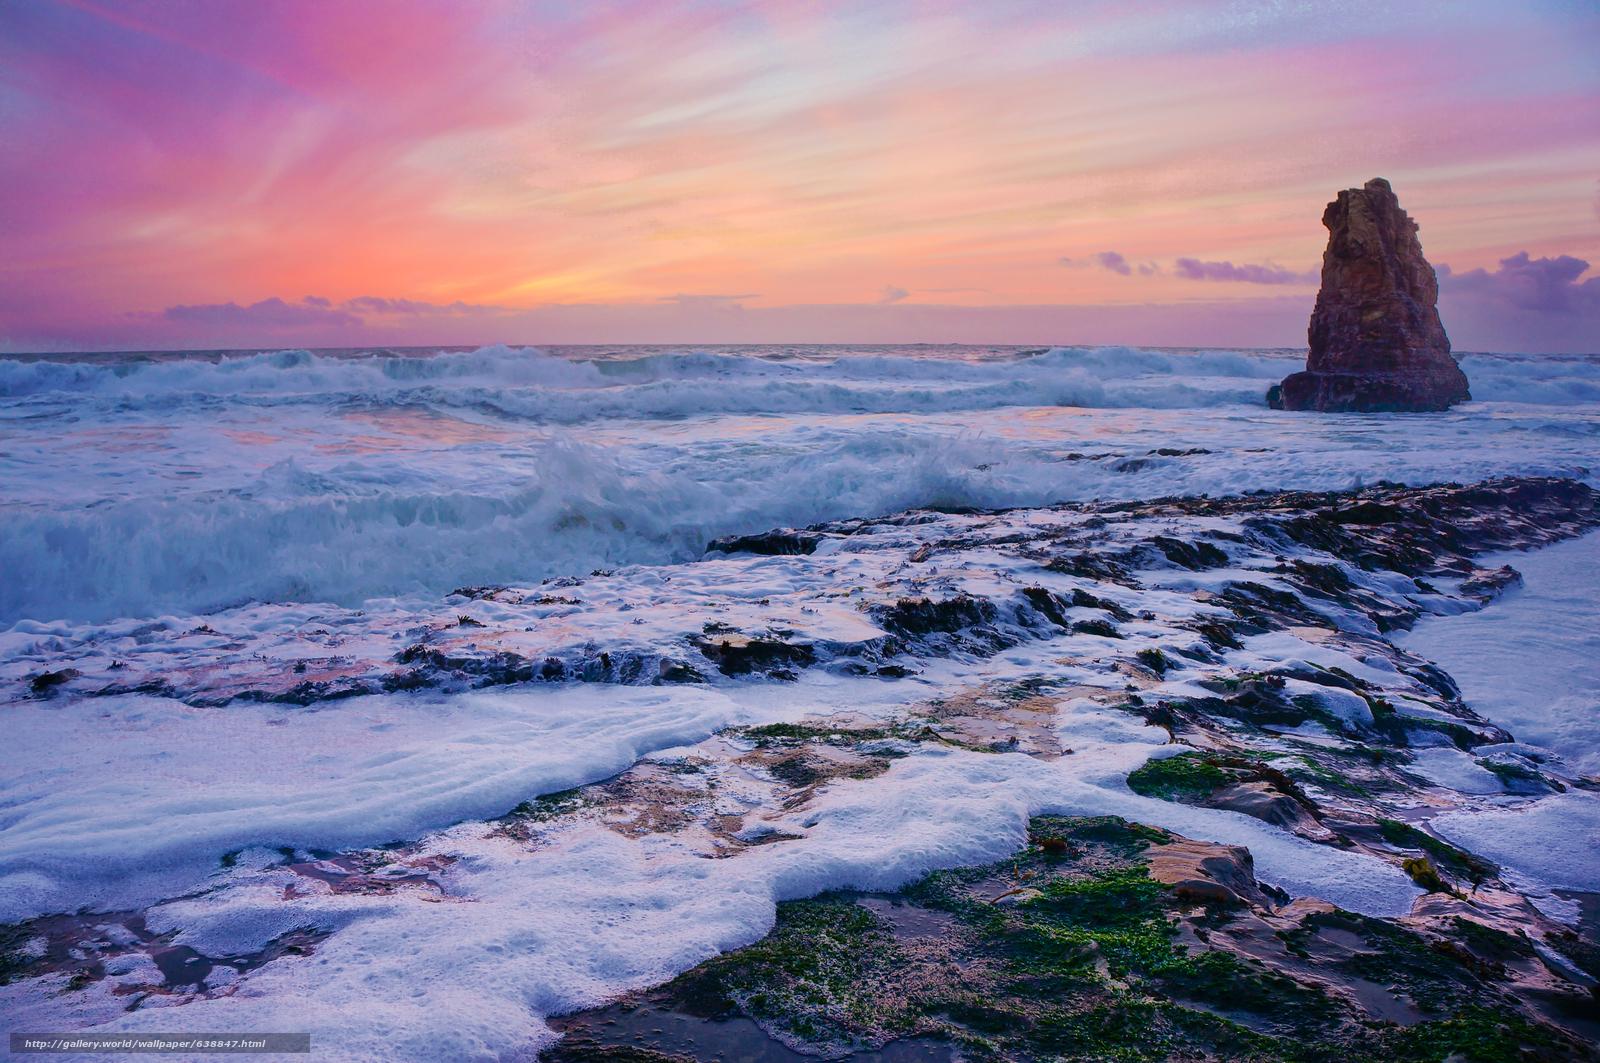 Скачать обои США,  Давенпорт,  закат,  море бесплатно для рабочего стола в разрешении 4873x3238 — картинка №638847